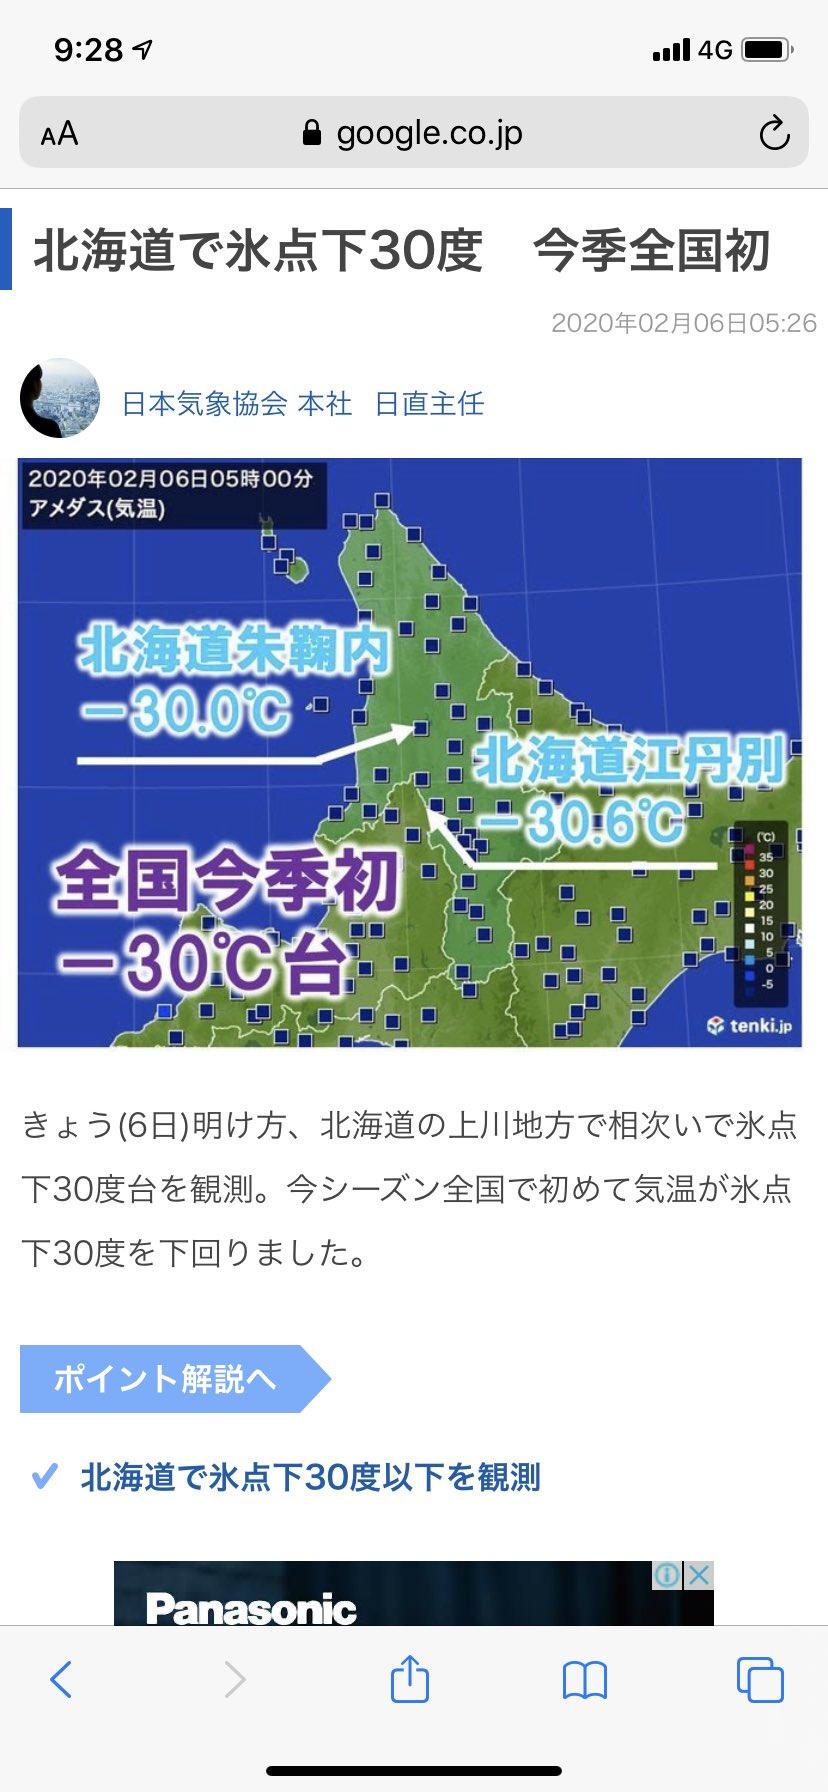 旭川 今日 の 天気